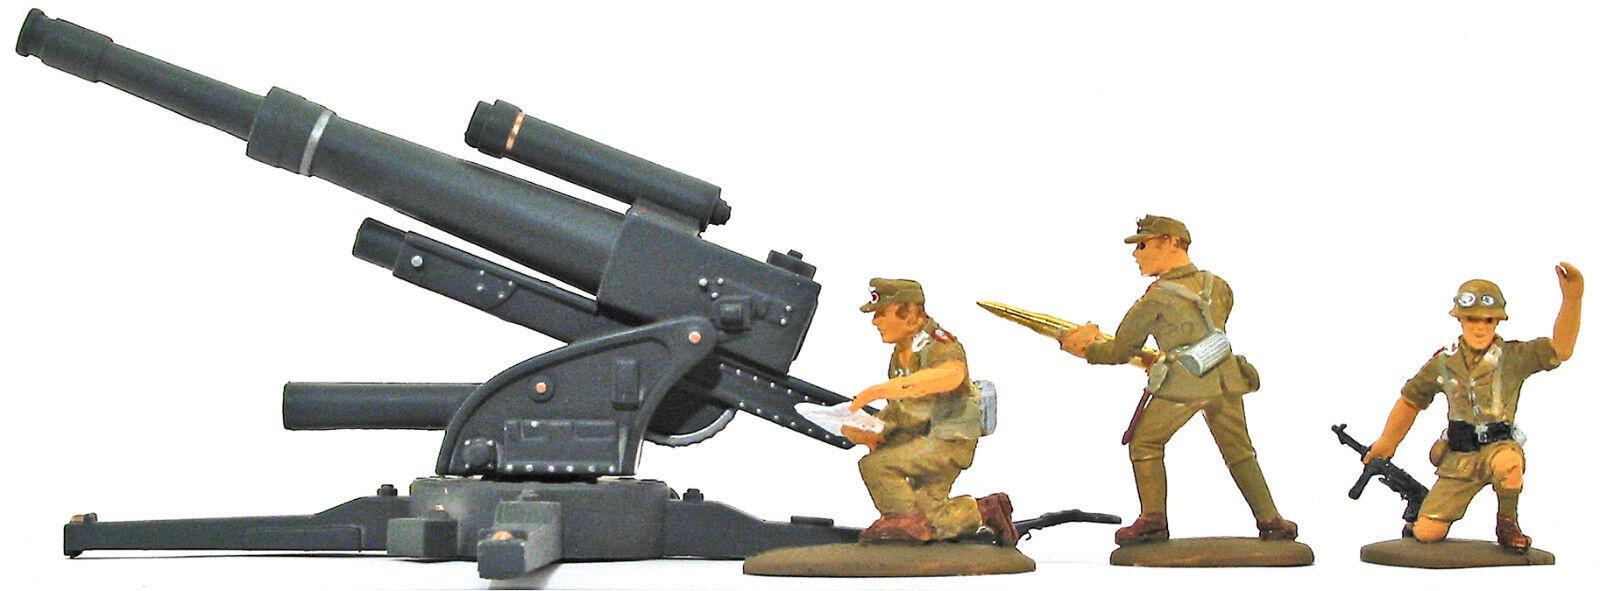 3 HAND MADE WWII Afrika Korps Artillery w  88mm Gun - congreened painted 54mm